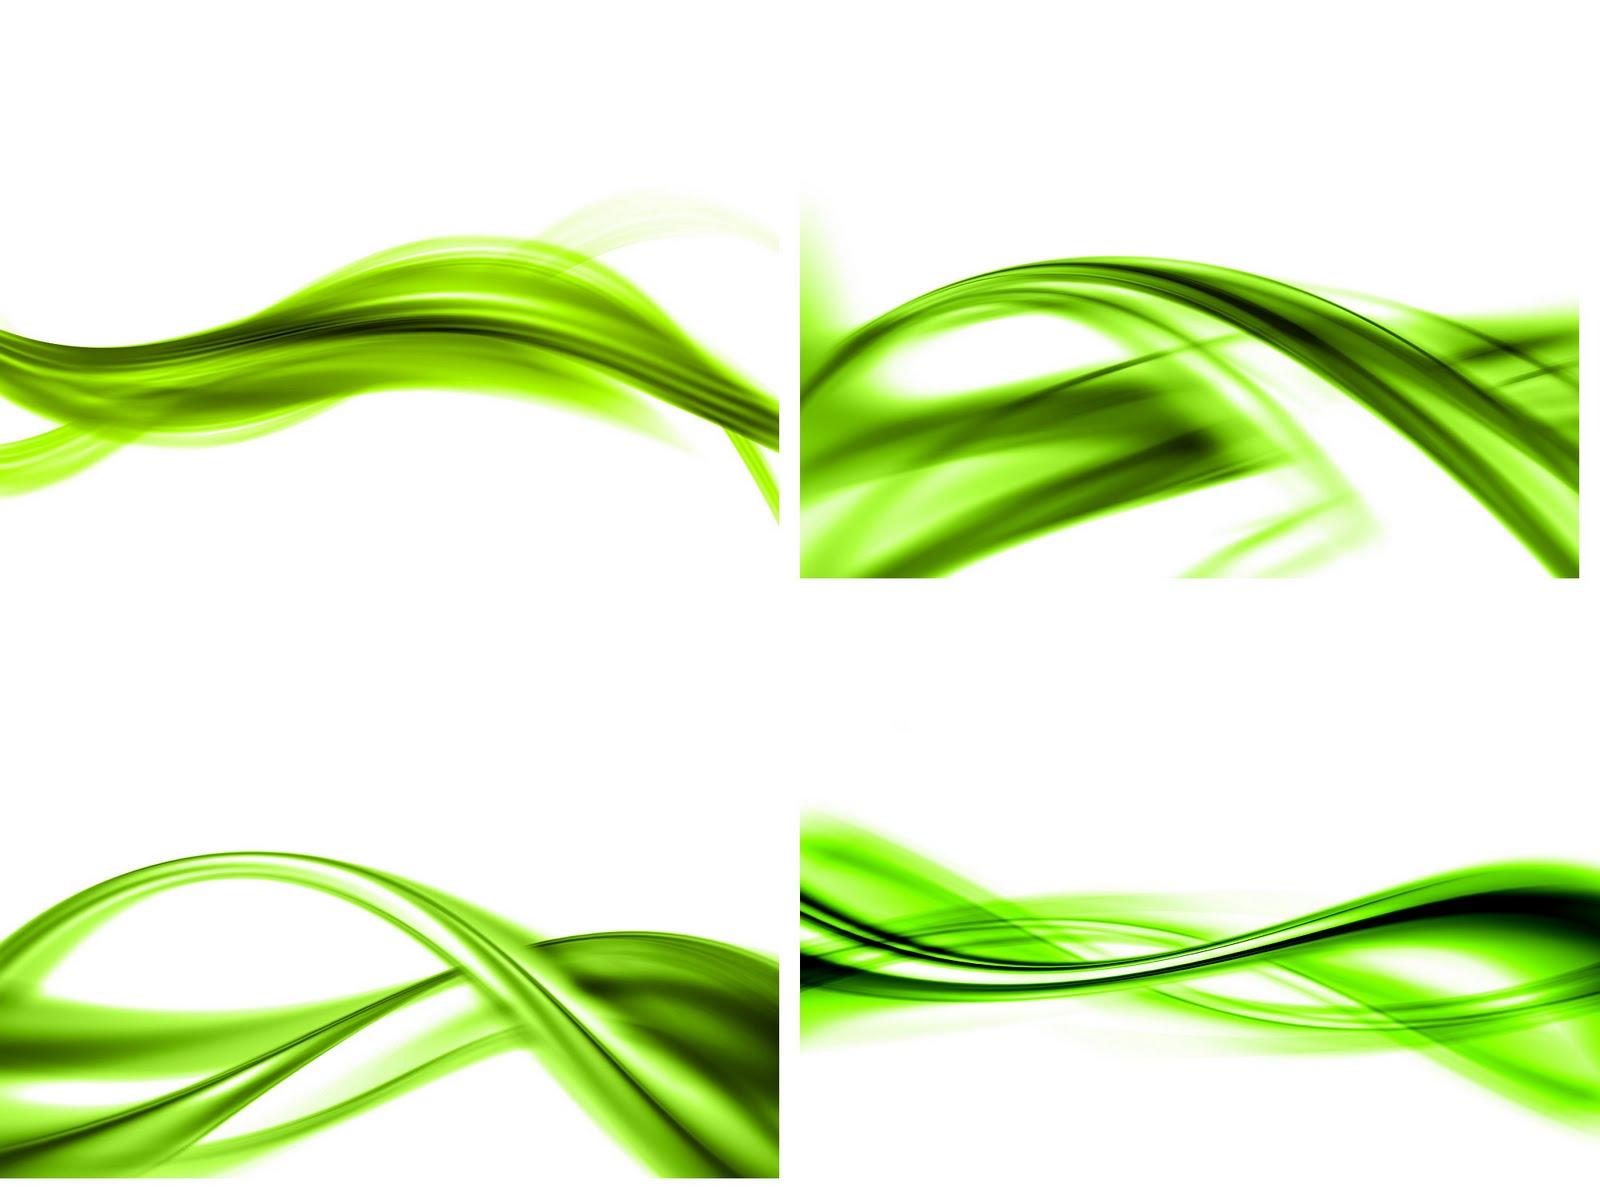 Fondo Blanco Con Verde: Fondos Vectores Blanco